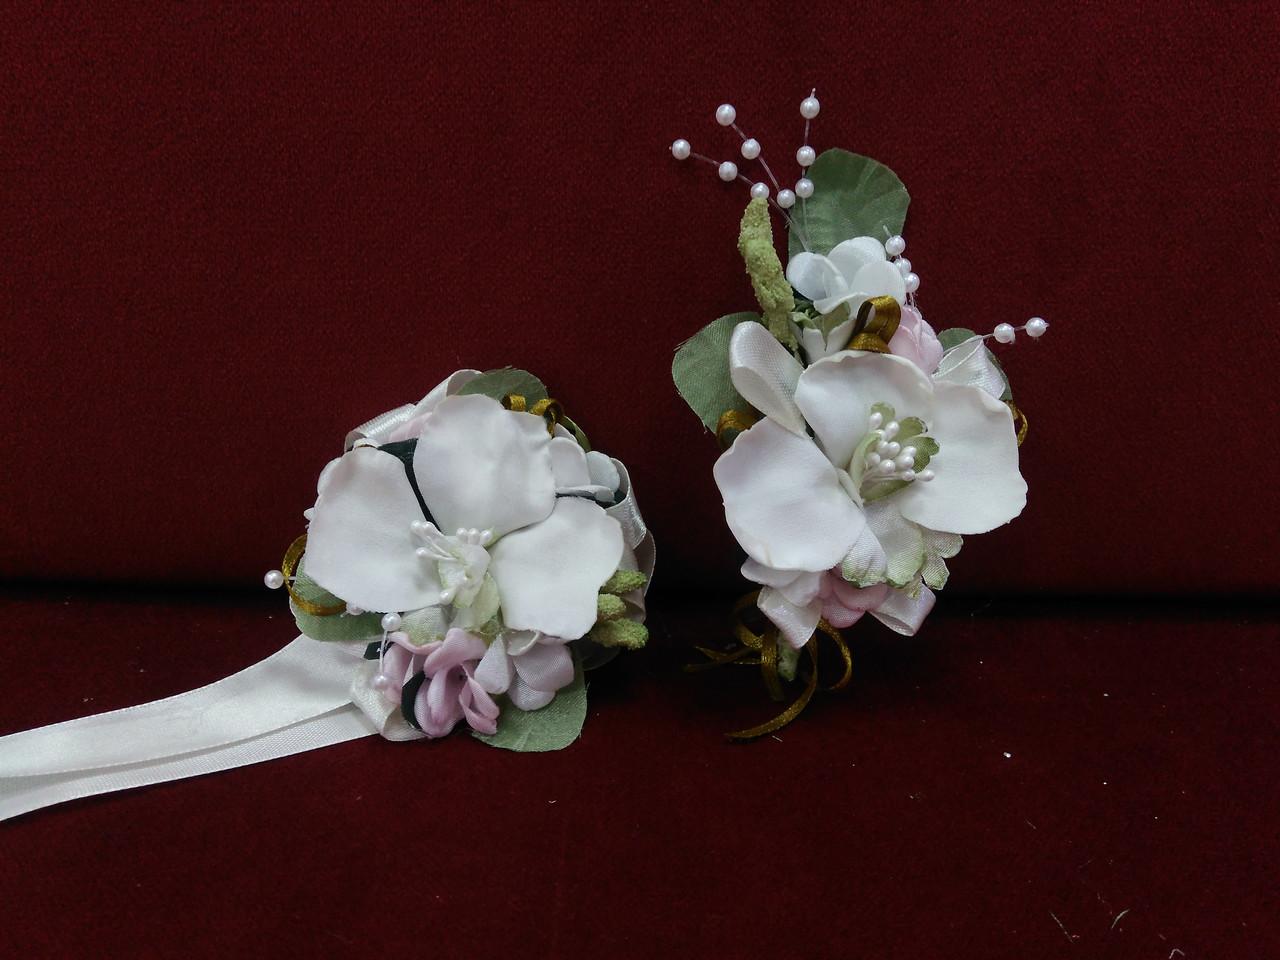 Свадебные бутоньерки для свидетелей (бутоньерка и цветочный браслет) из орхидей айвори с розовым